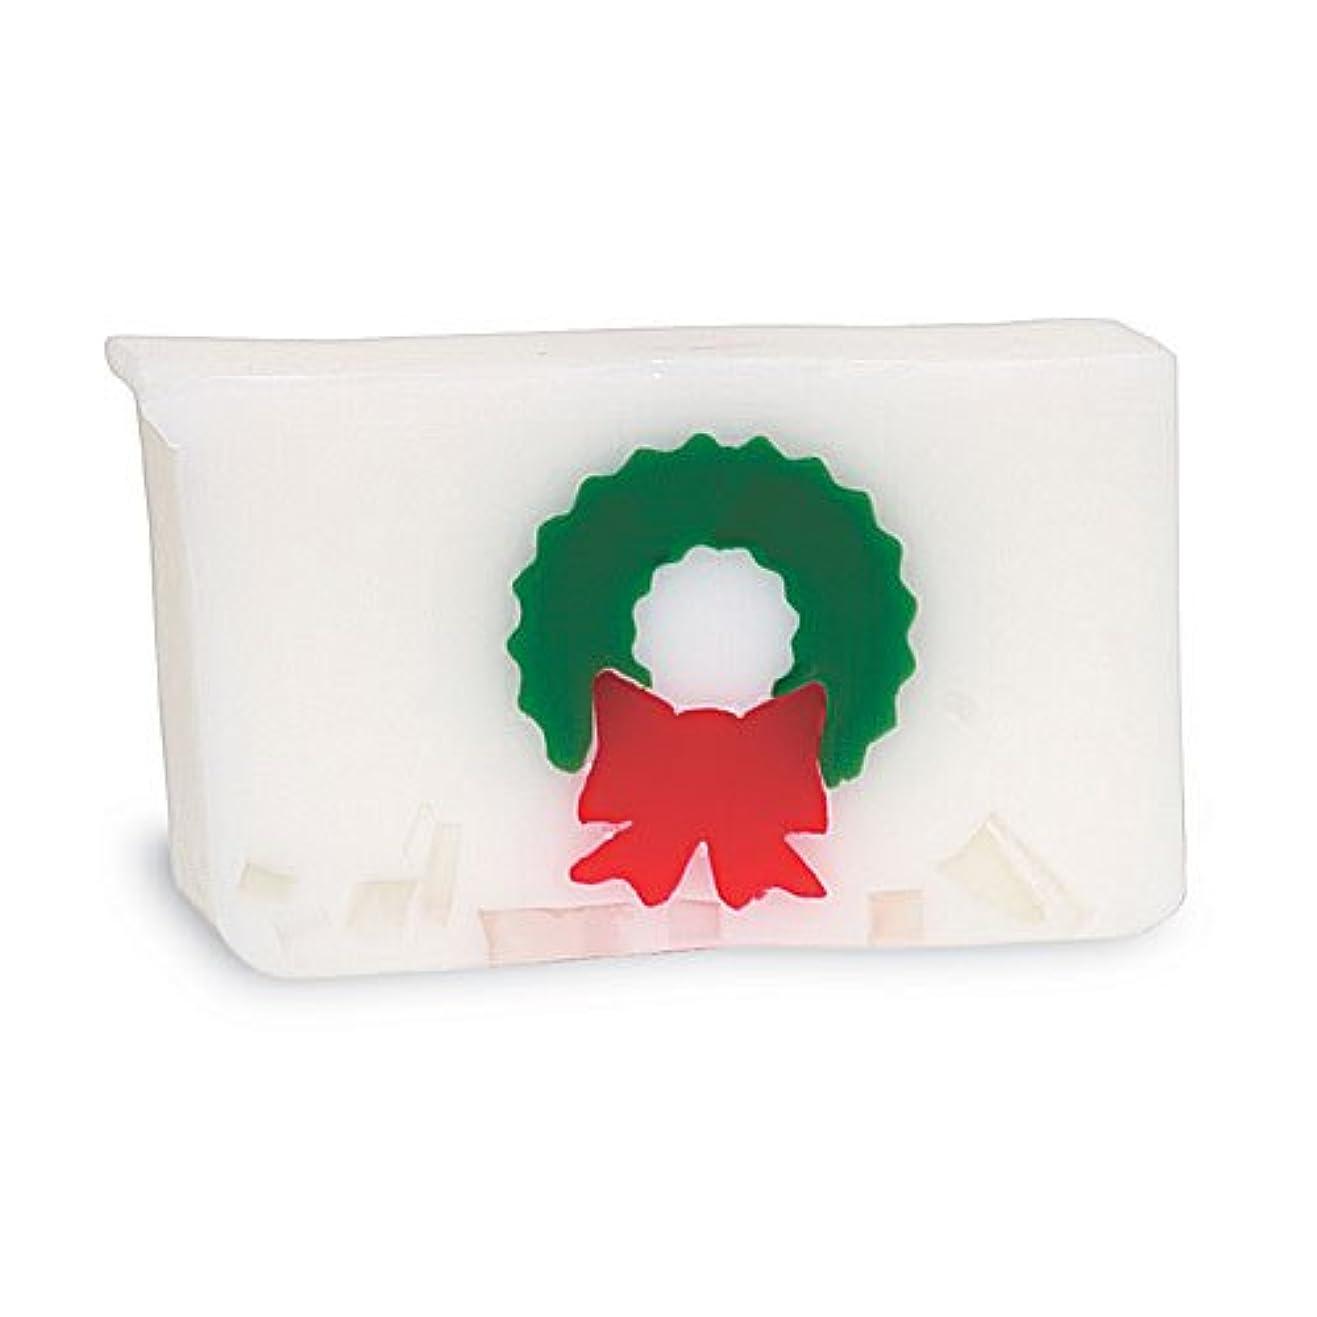 性能卵お茶プライモールエレメンツ アロマティック ソープ クリスマスリース 180g 植物性 ナチュラル 石鹸 無添加